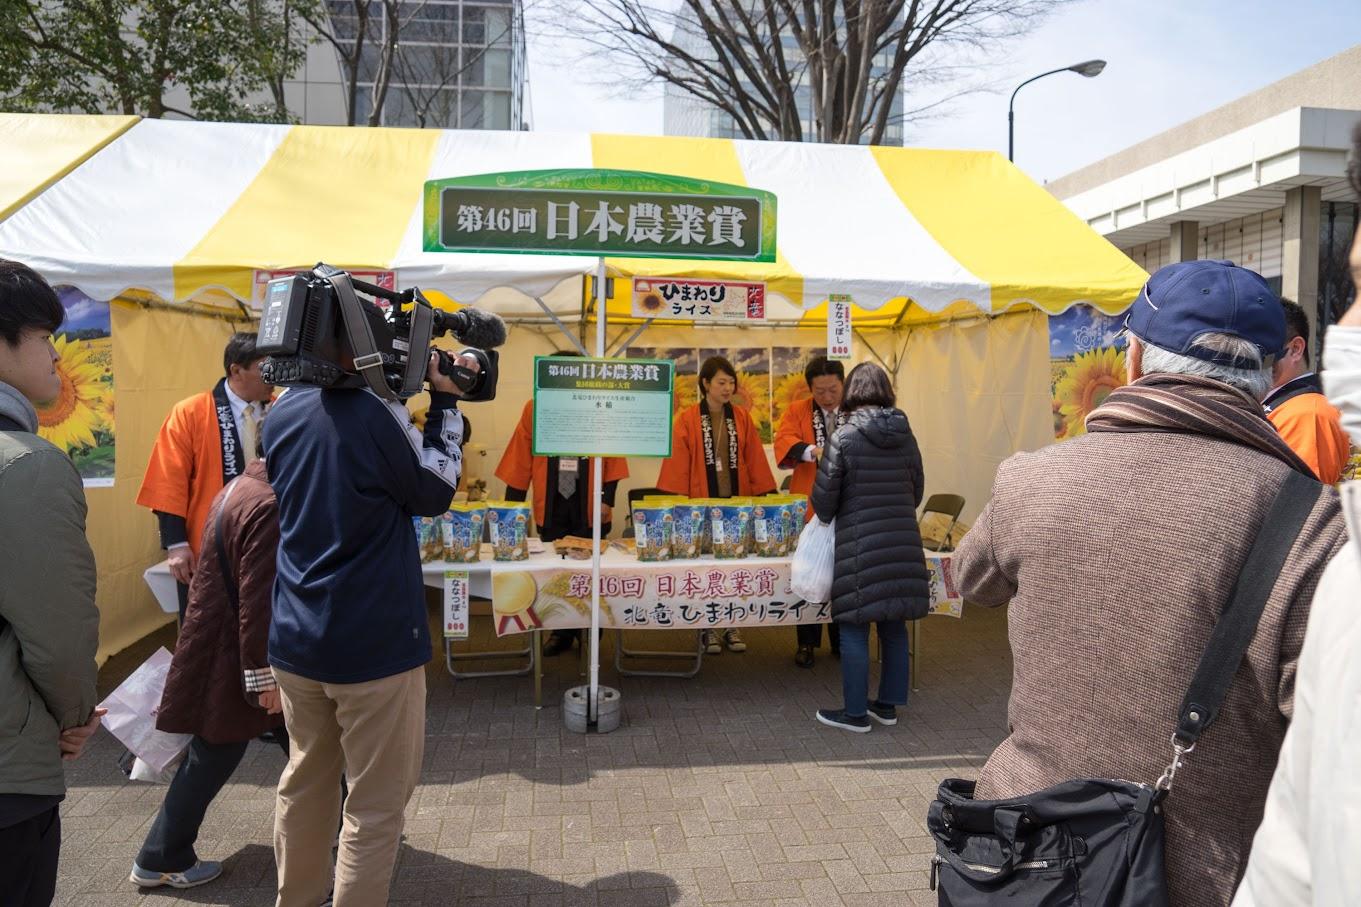 NHKの取材風景